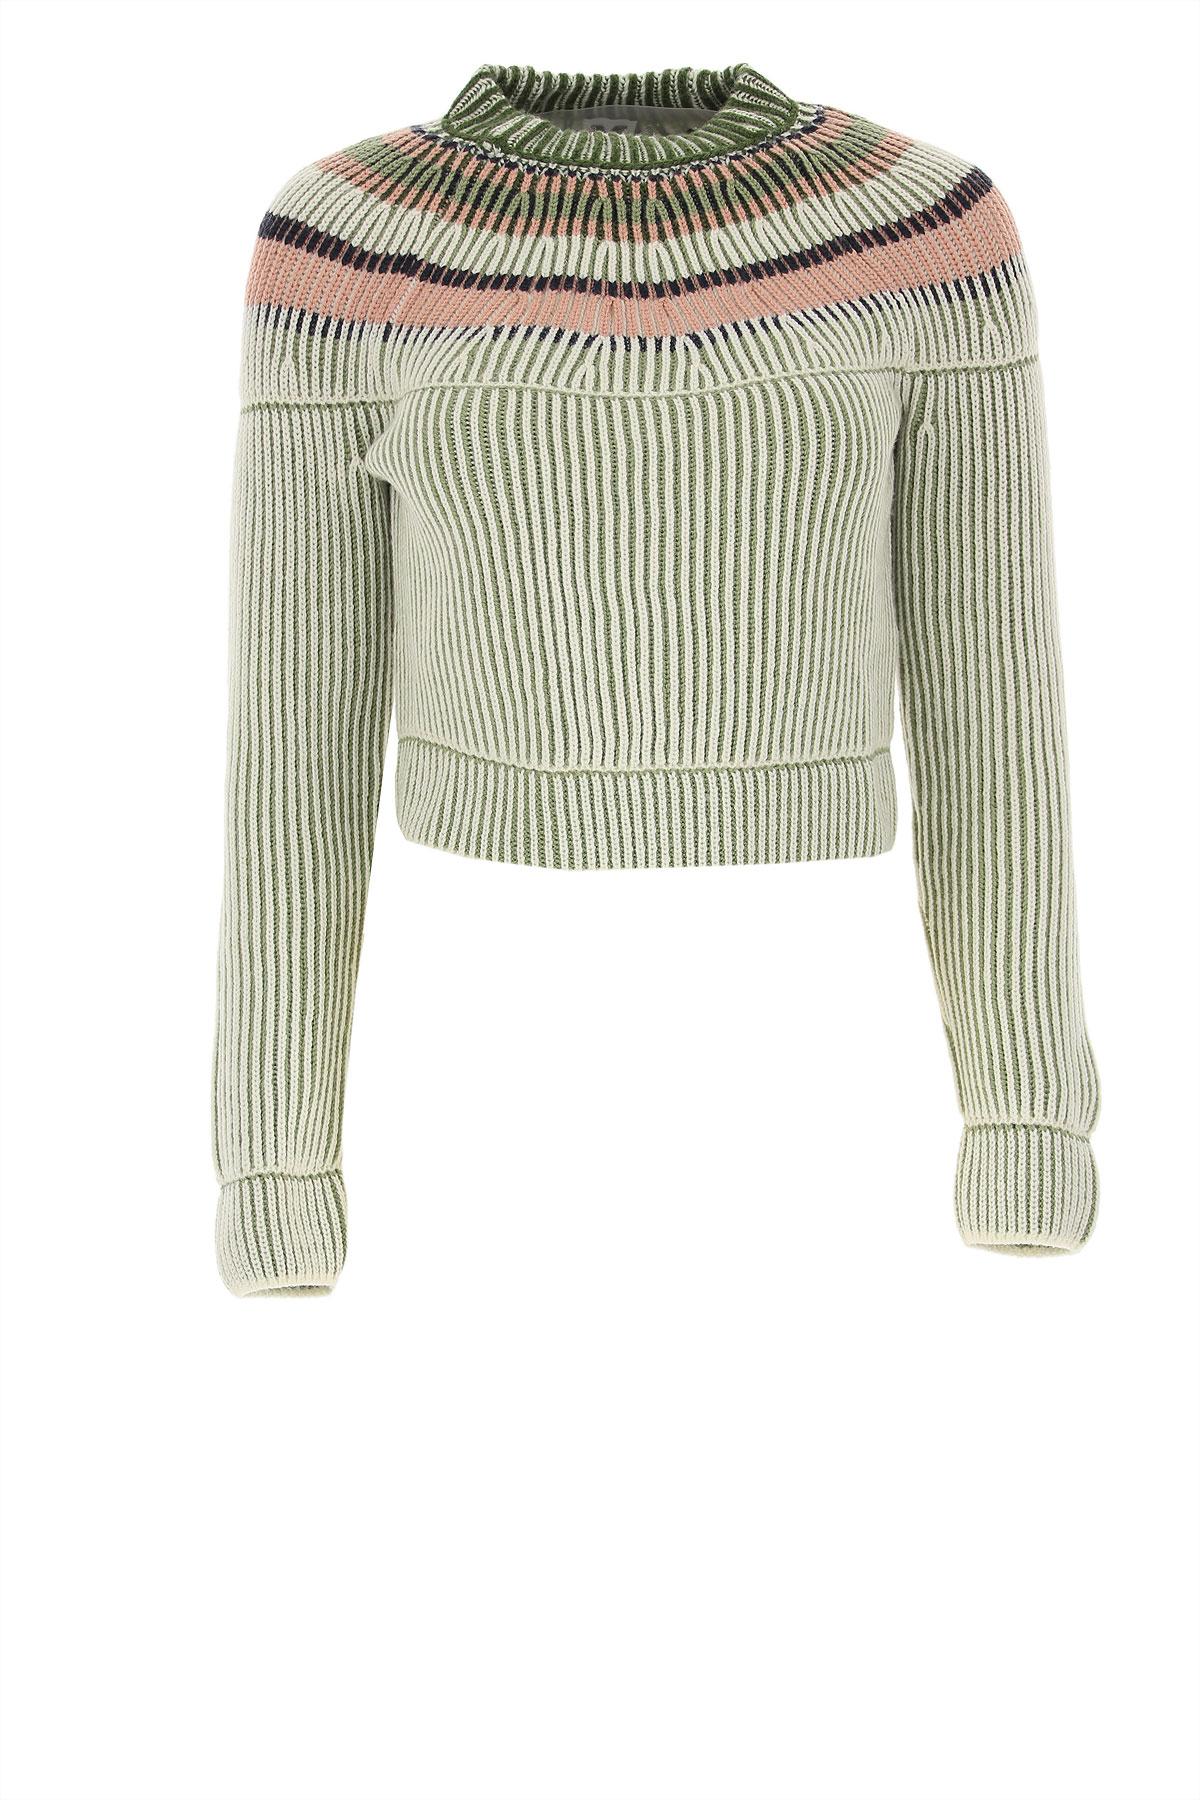 Missoni Sweater for Women Jumper On Sale, Green, fleece wool, 2019, 4 6